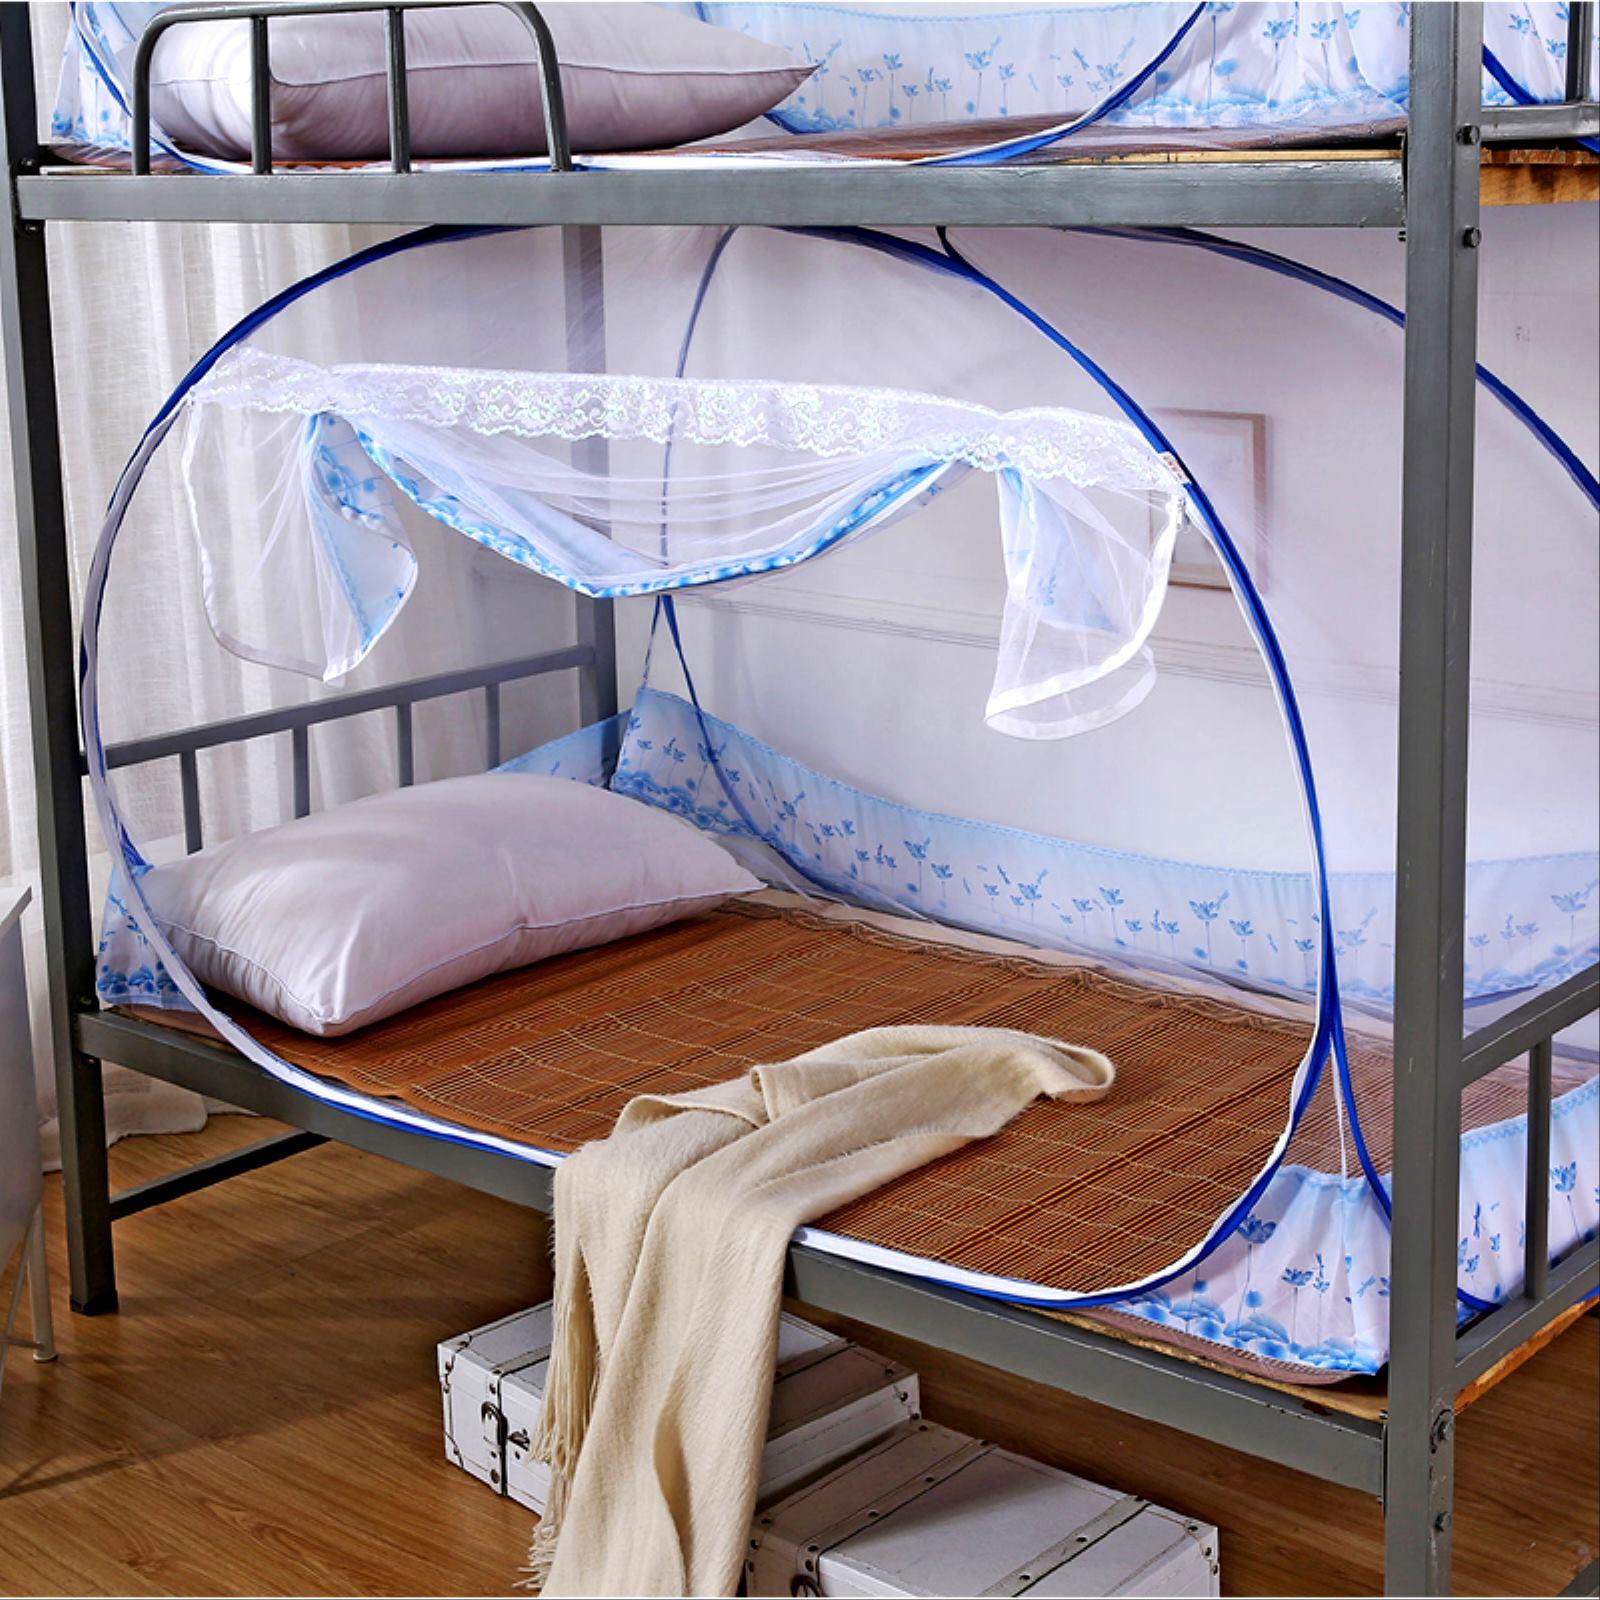 学生宿舍寝室90CM1.0M蚊帐上下铺单人床密封全封闭学校双层纹文帐